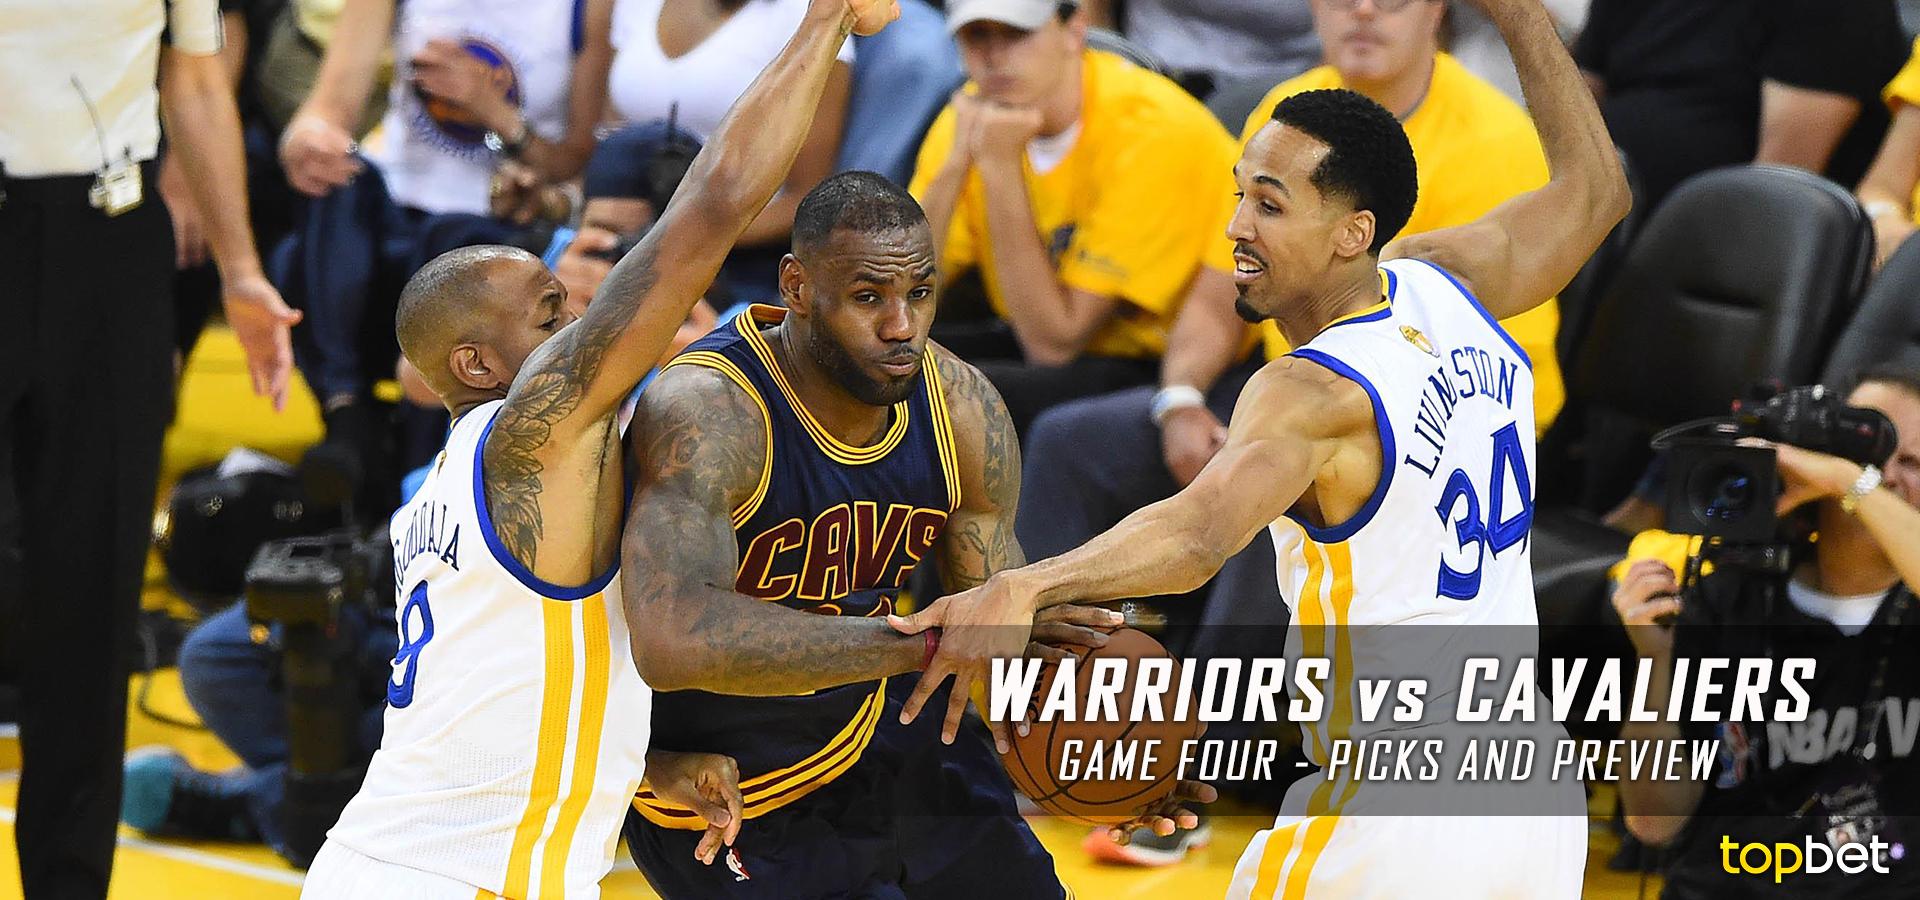 warriors vs cavaliers - photo #12